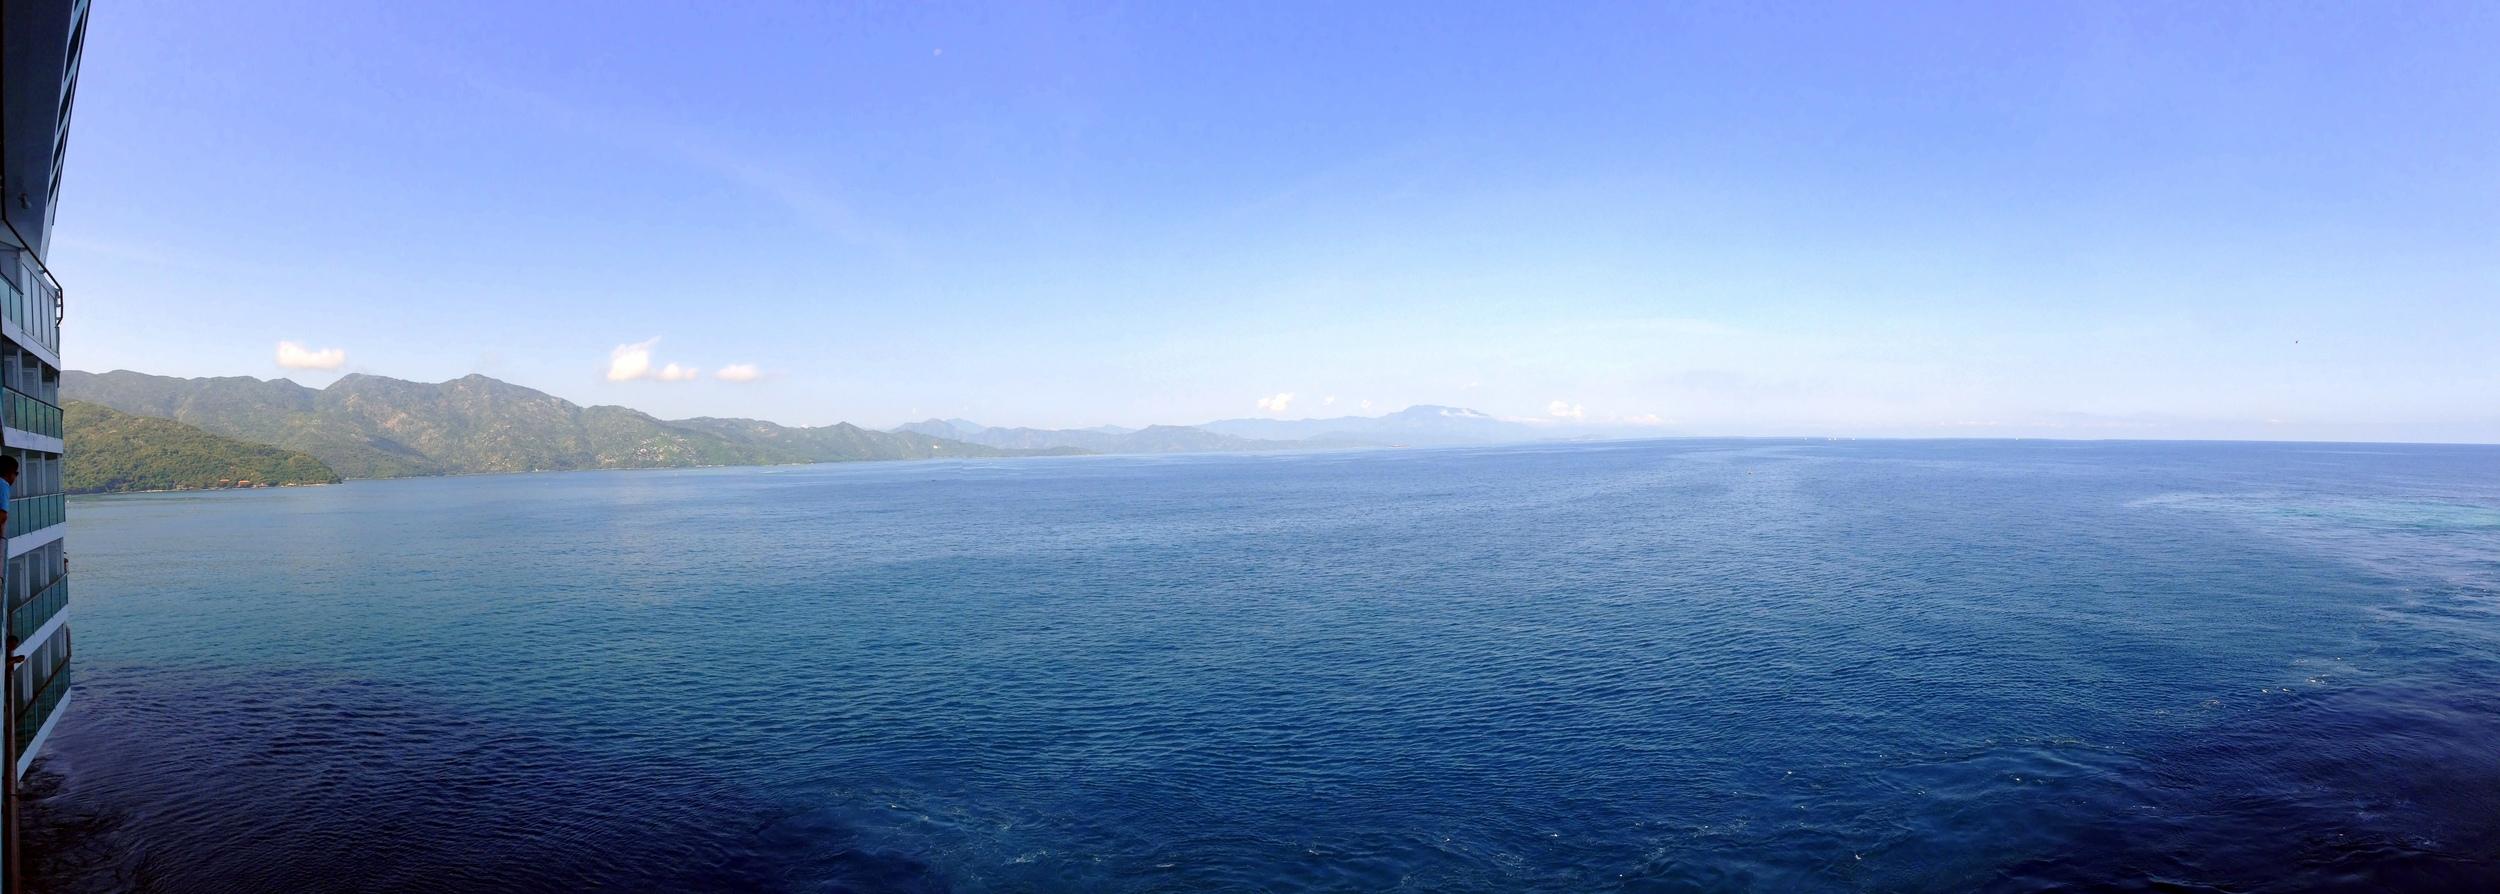 Another Haiti panorama.